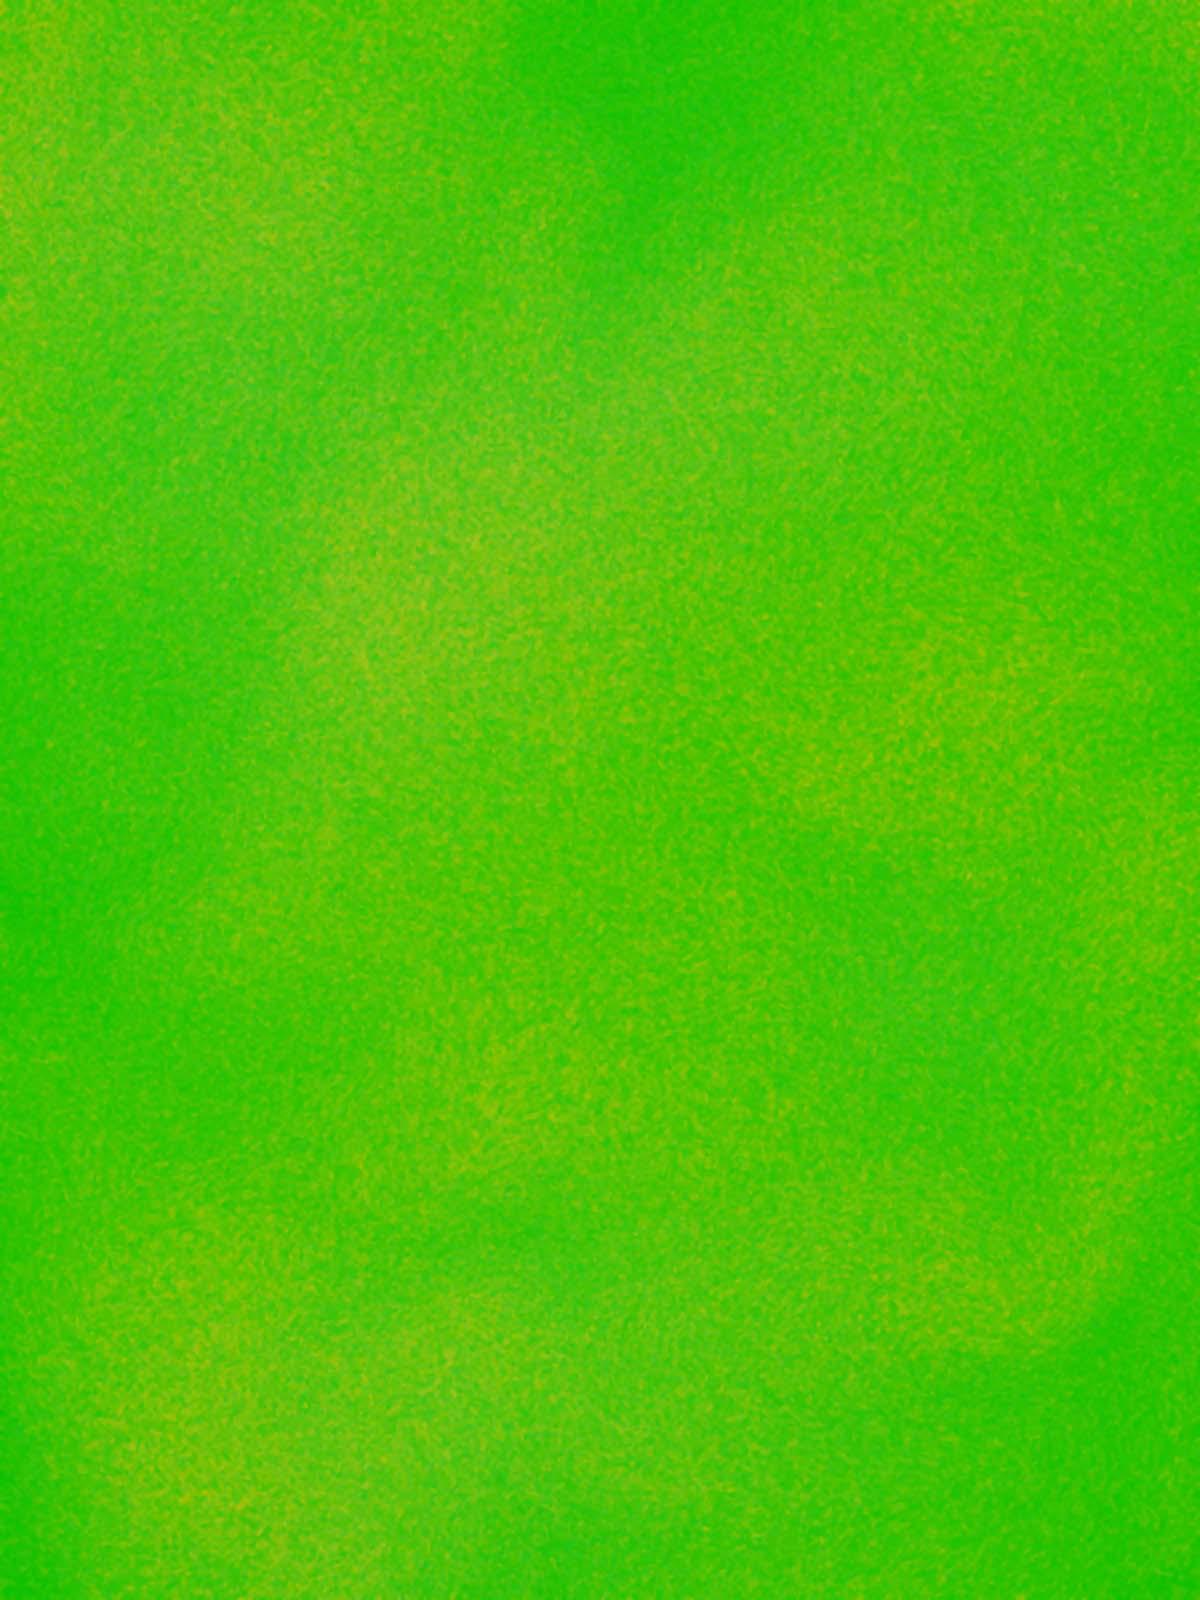 Vert , 2007, huile sur tableau / oil on painting, 7' X 5' 6'', 2,14 X 1,68 m.